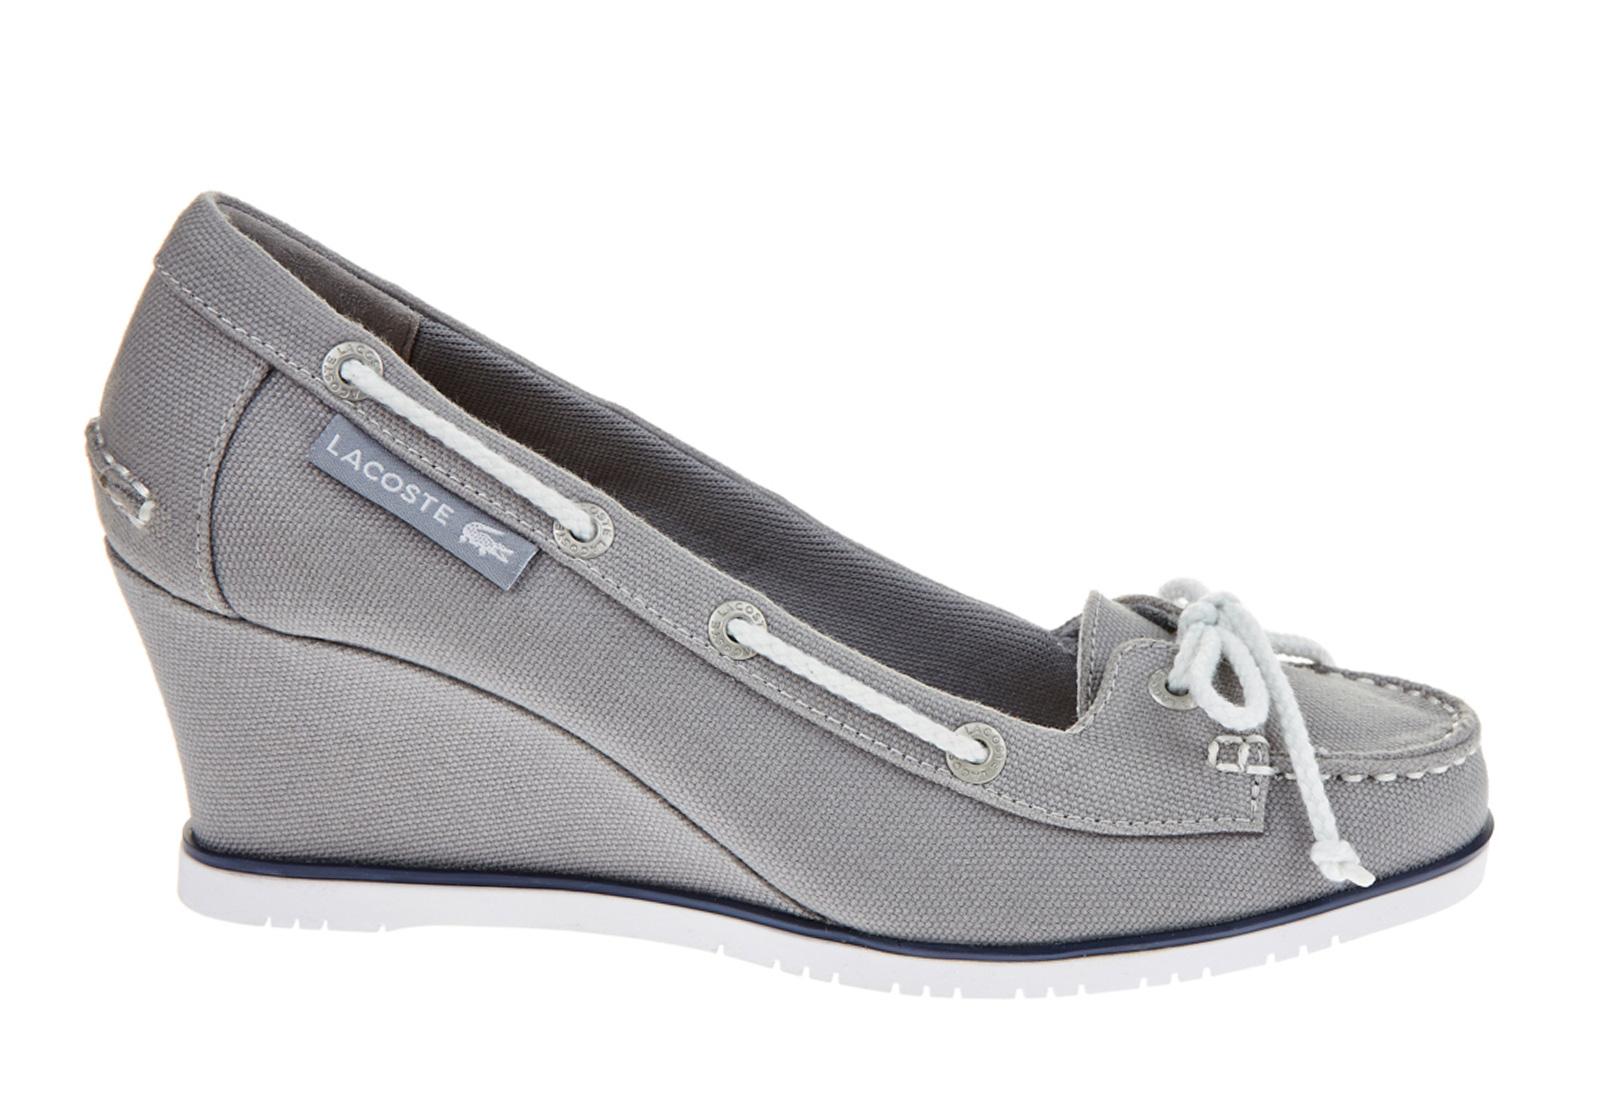 2940a42412d Lacoste Sandals - Corbon Mid Wedge 6 - zx-srw0115007 - Online ...